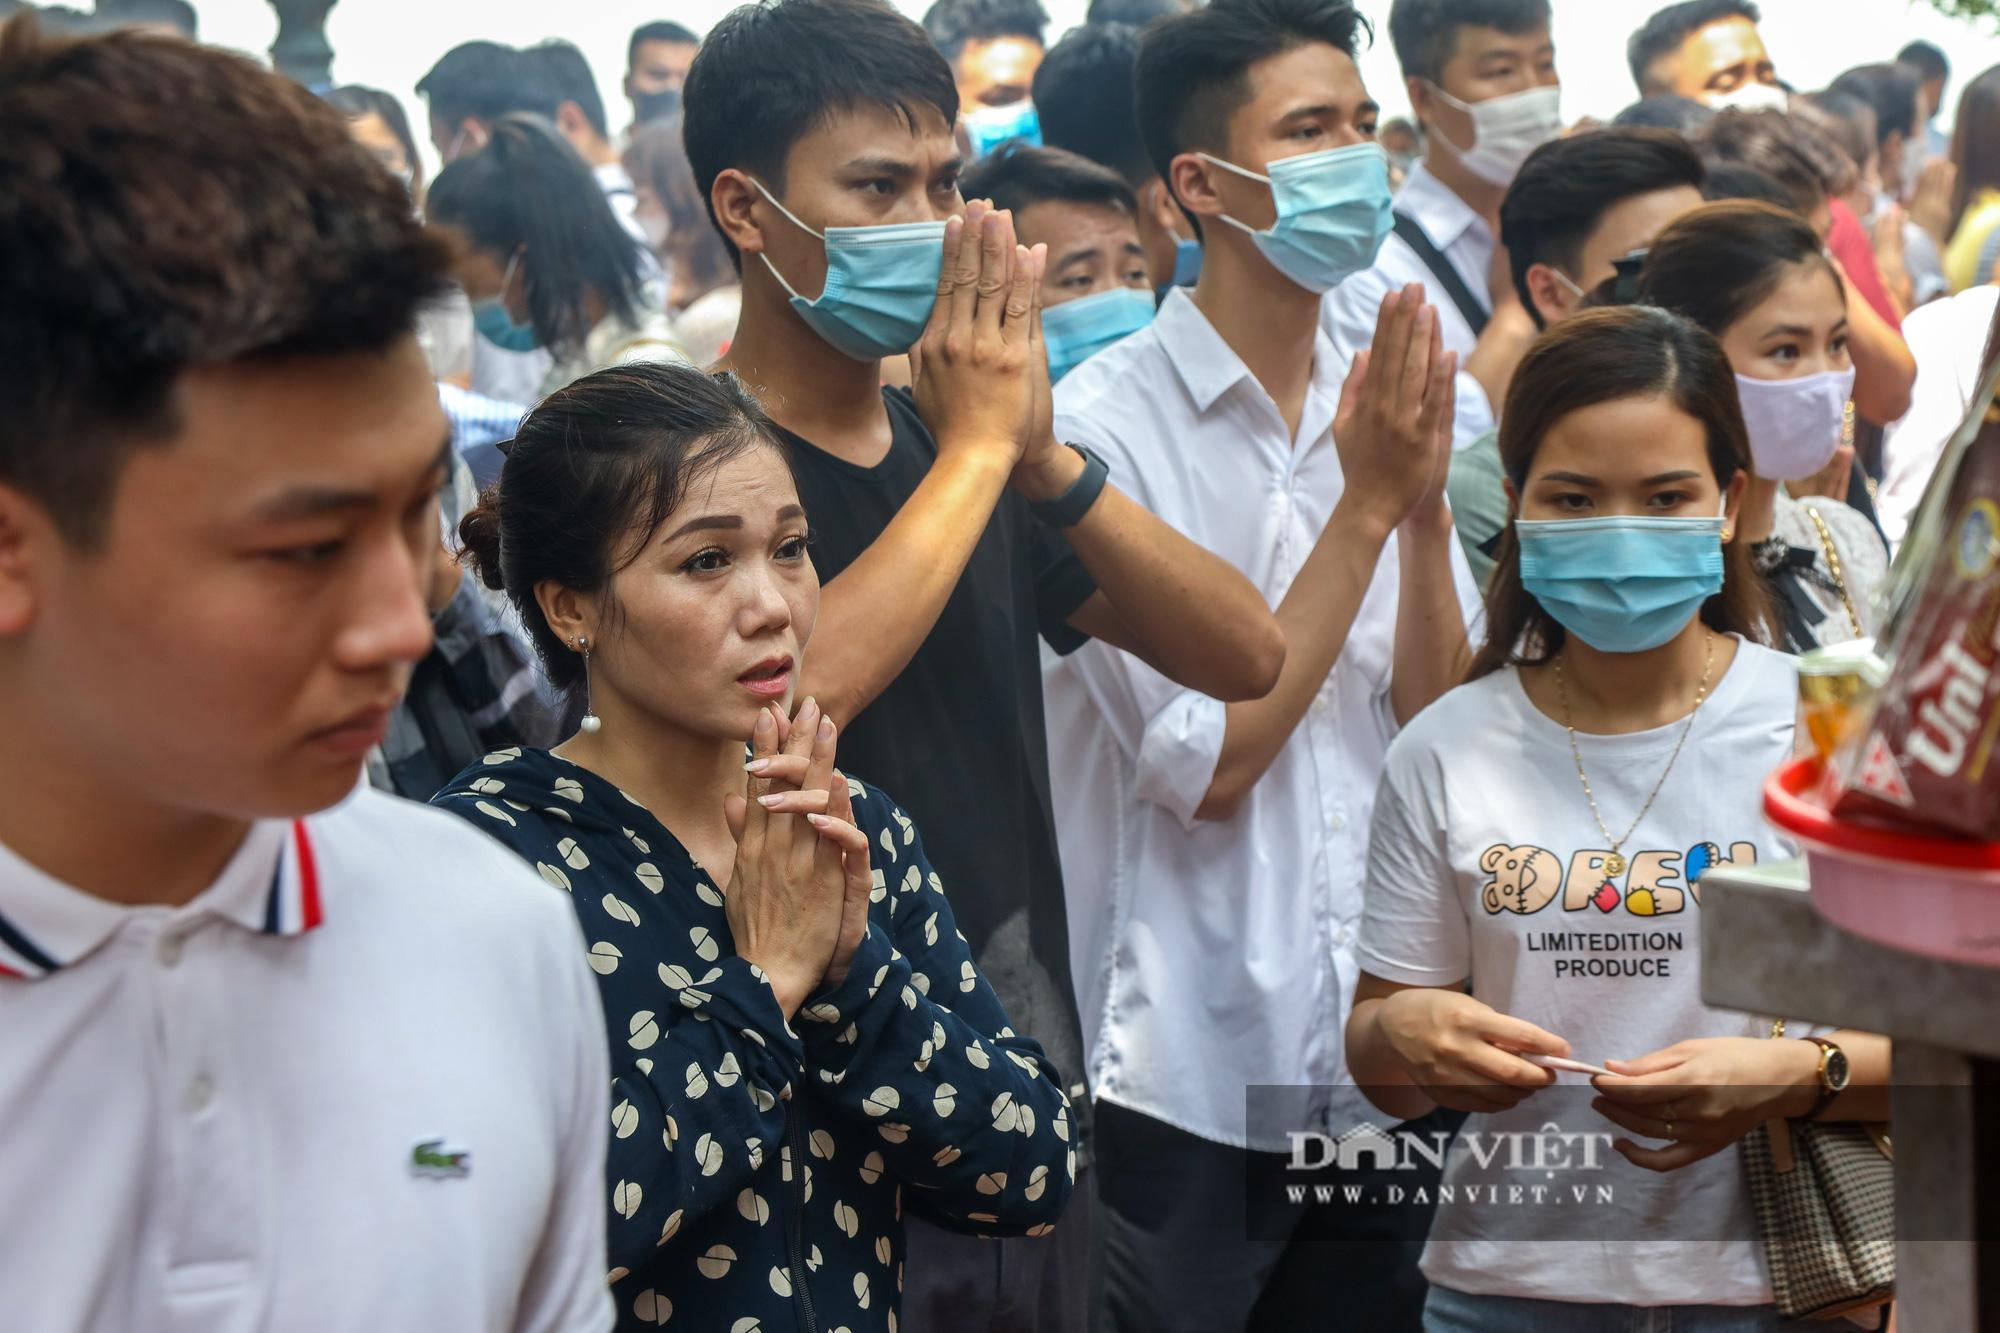 Phủ Tây Hồ đông nghịt người trong ngày đầu Hà Nội thực hiện giãn cách - Ảnh 9.